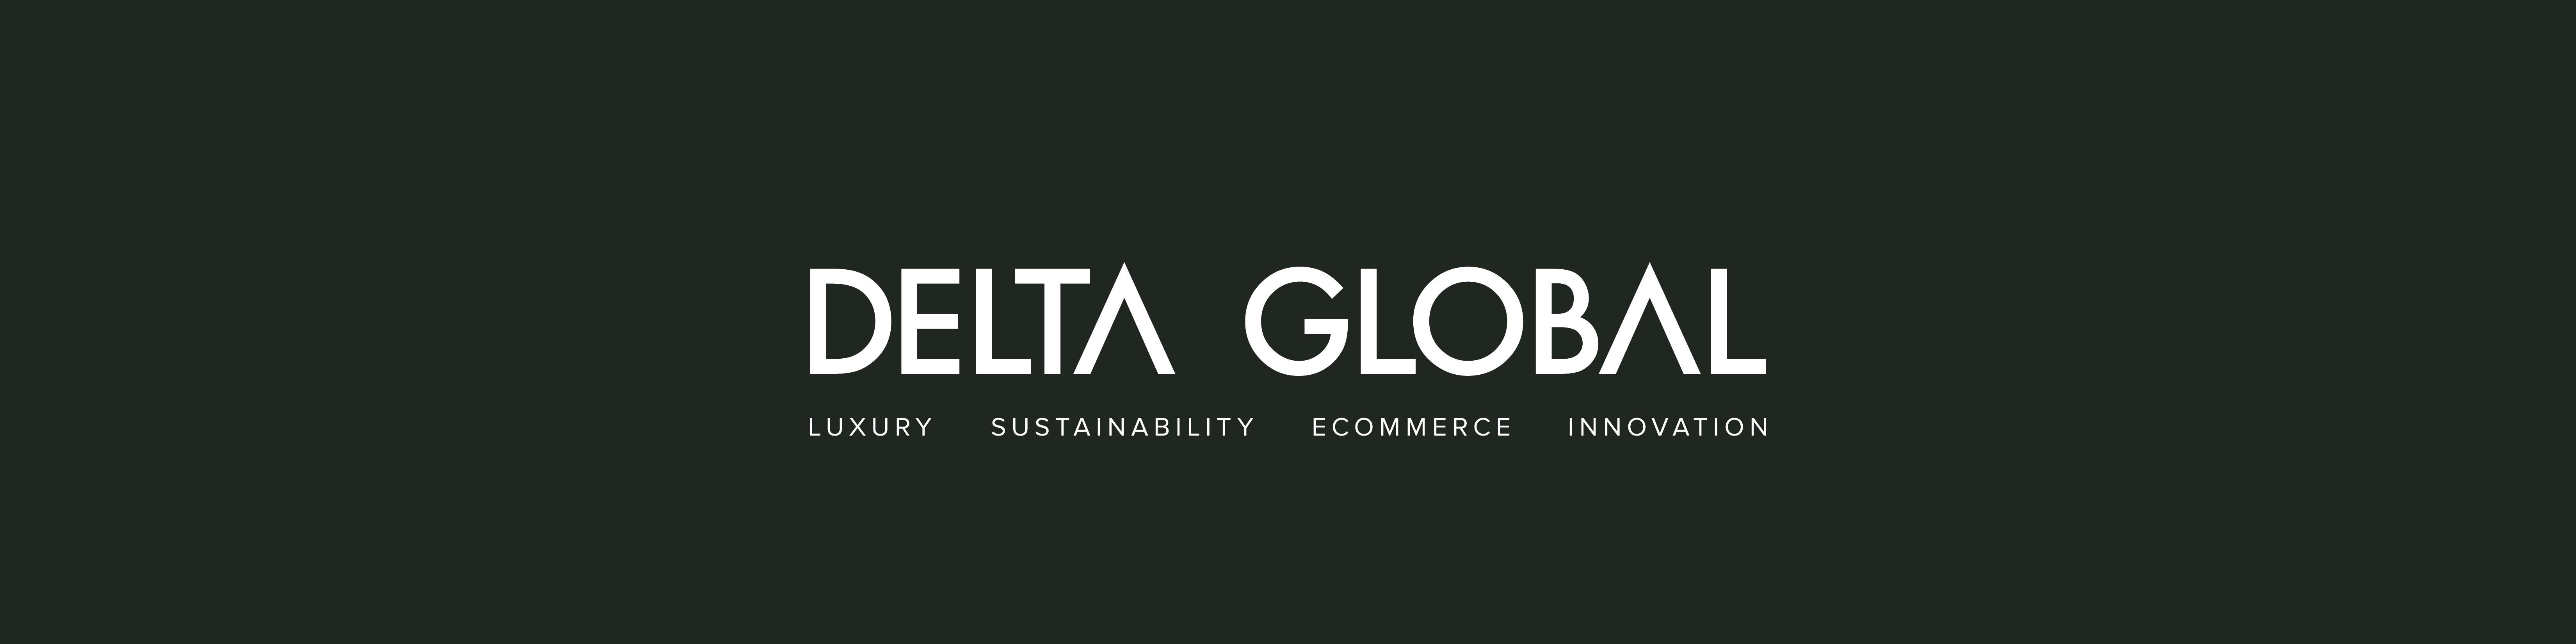 deltaglobal logo